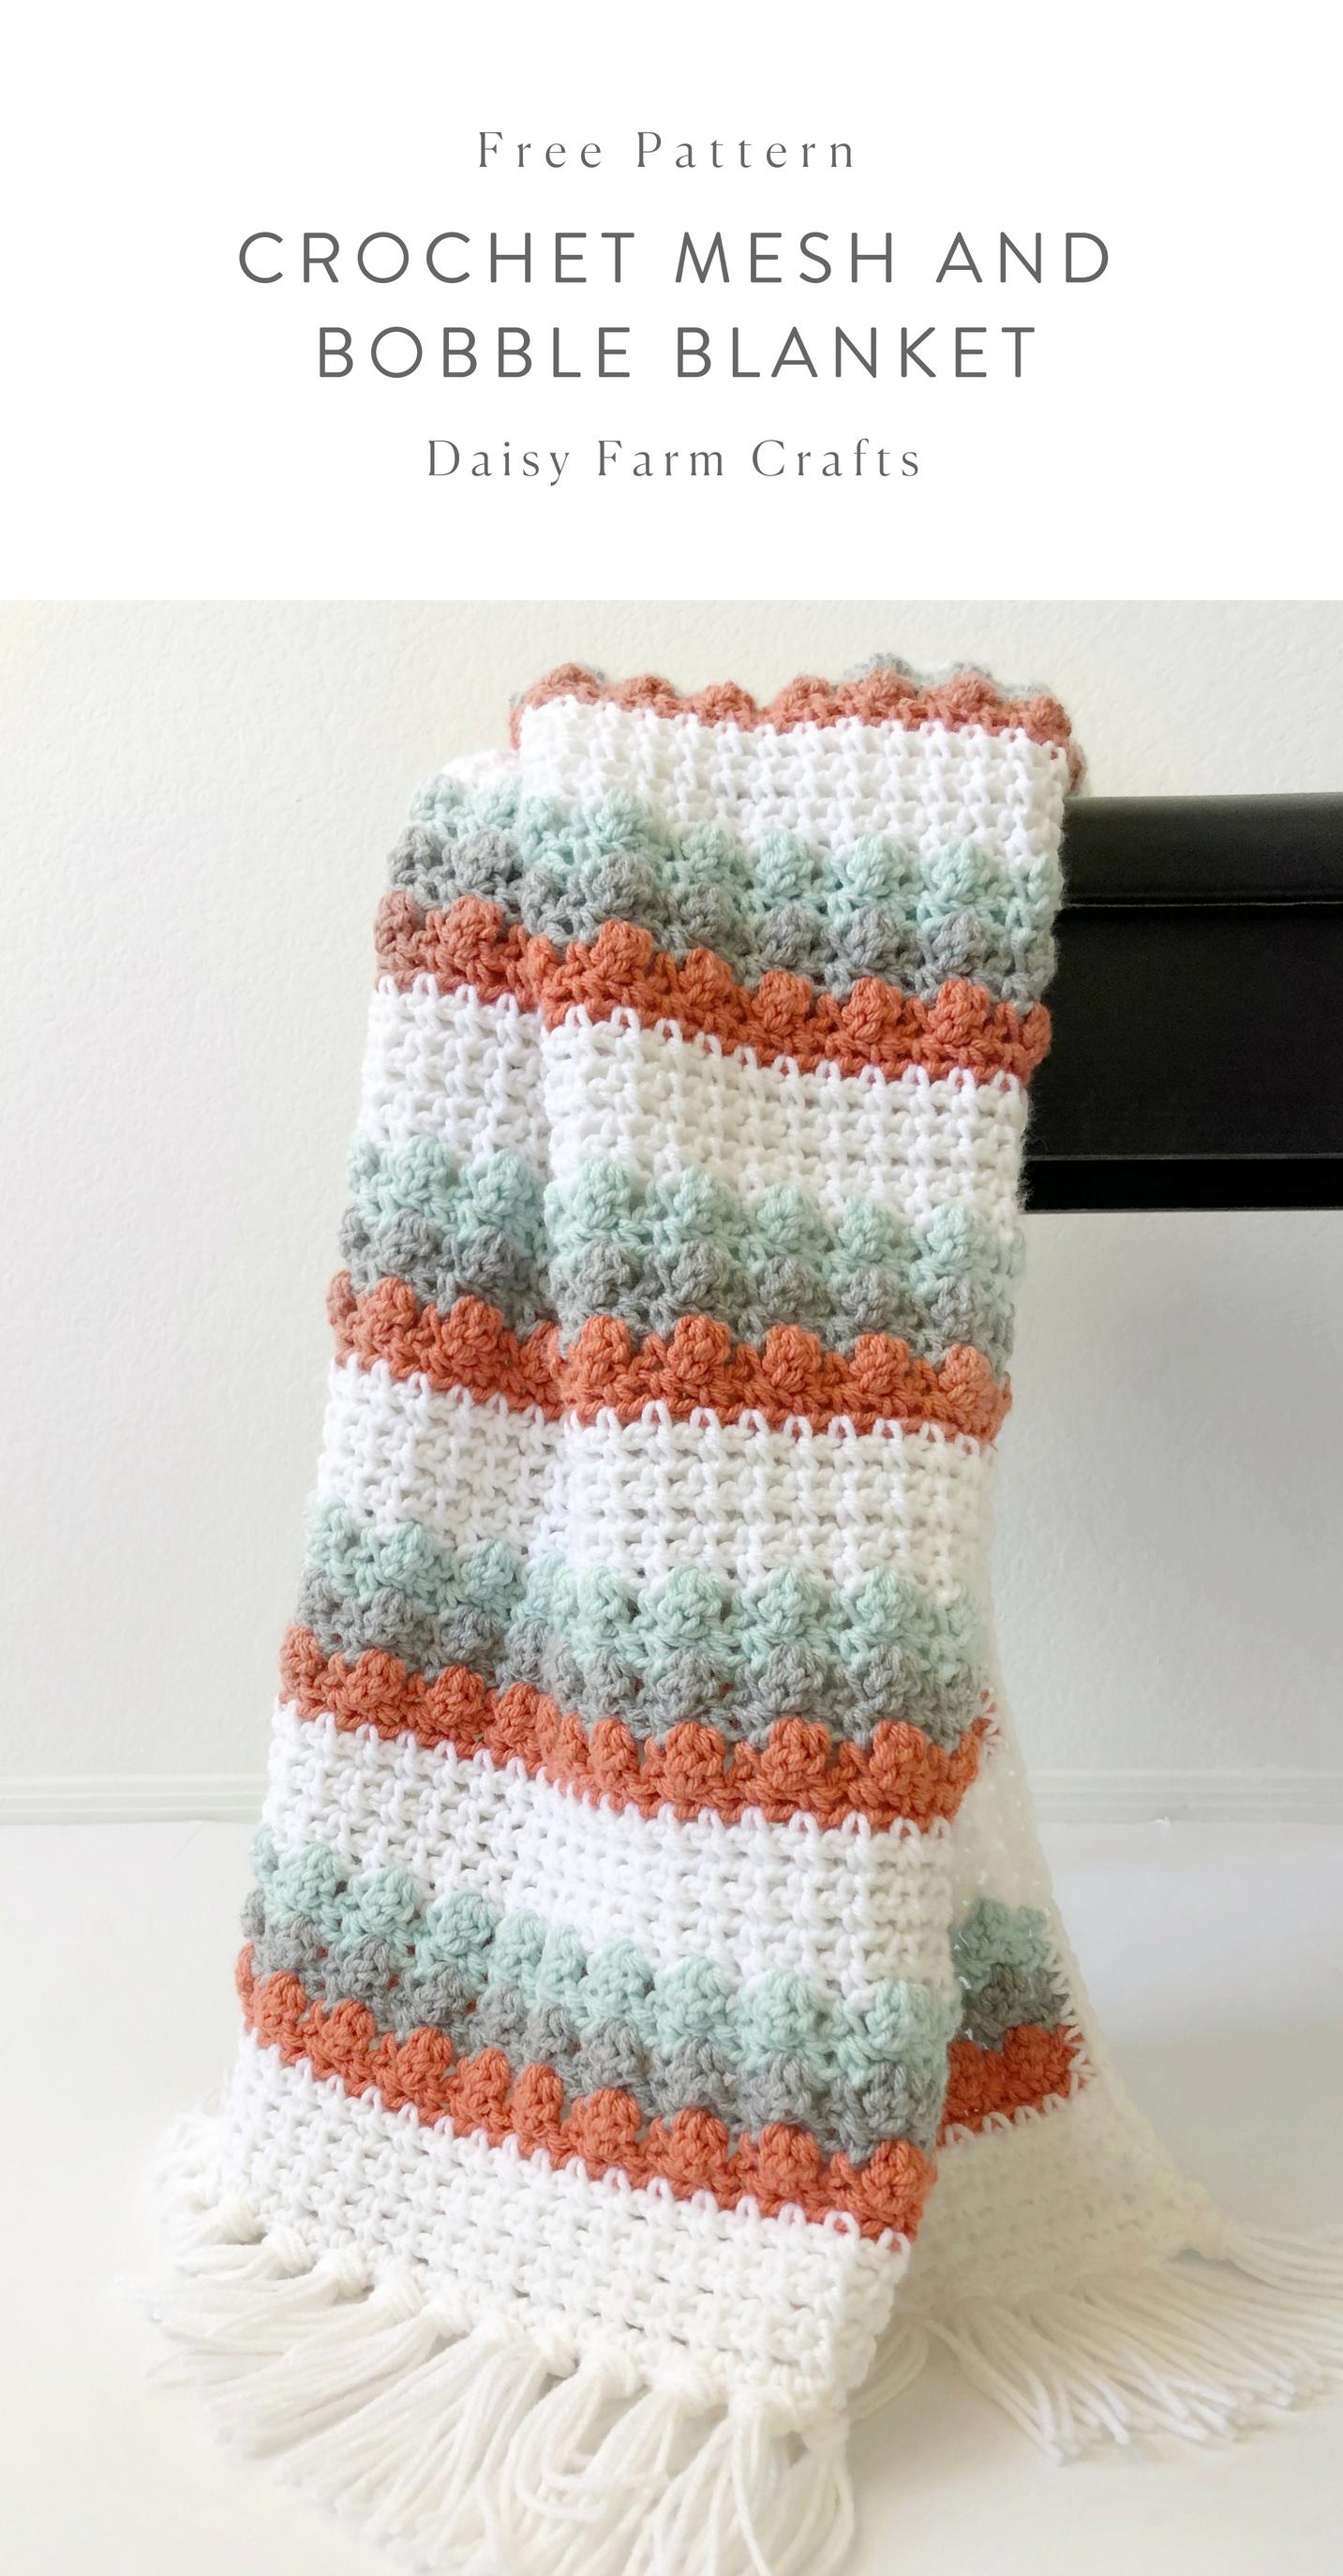 Free Pattern - Crochet Mesh and Bobble Blanket #crochet | Crochet ...